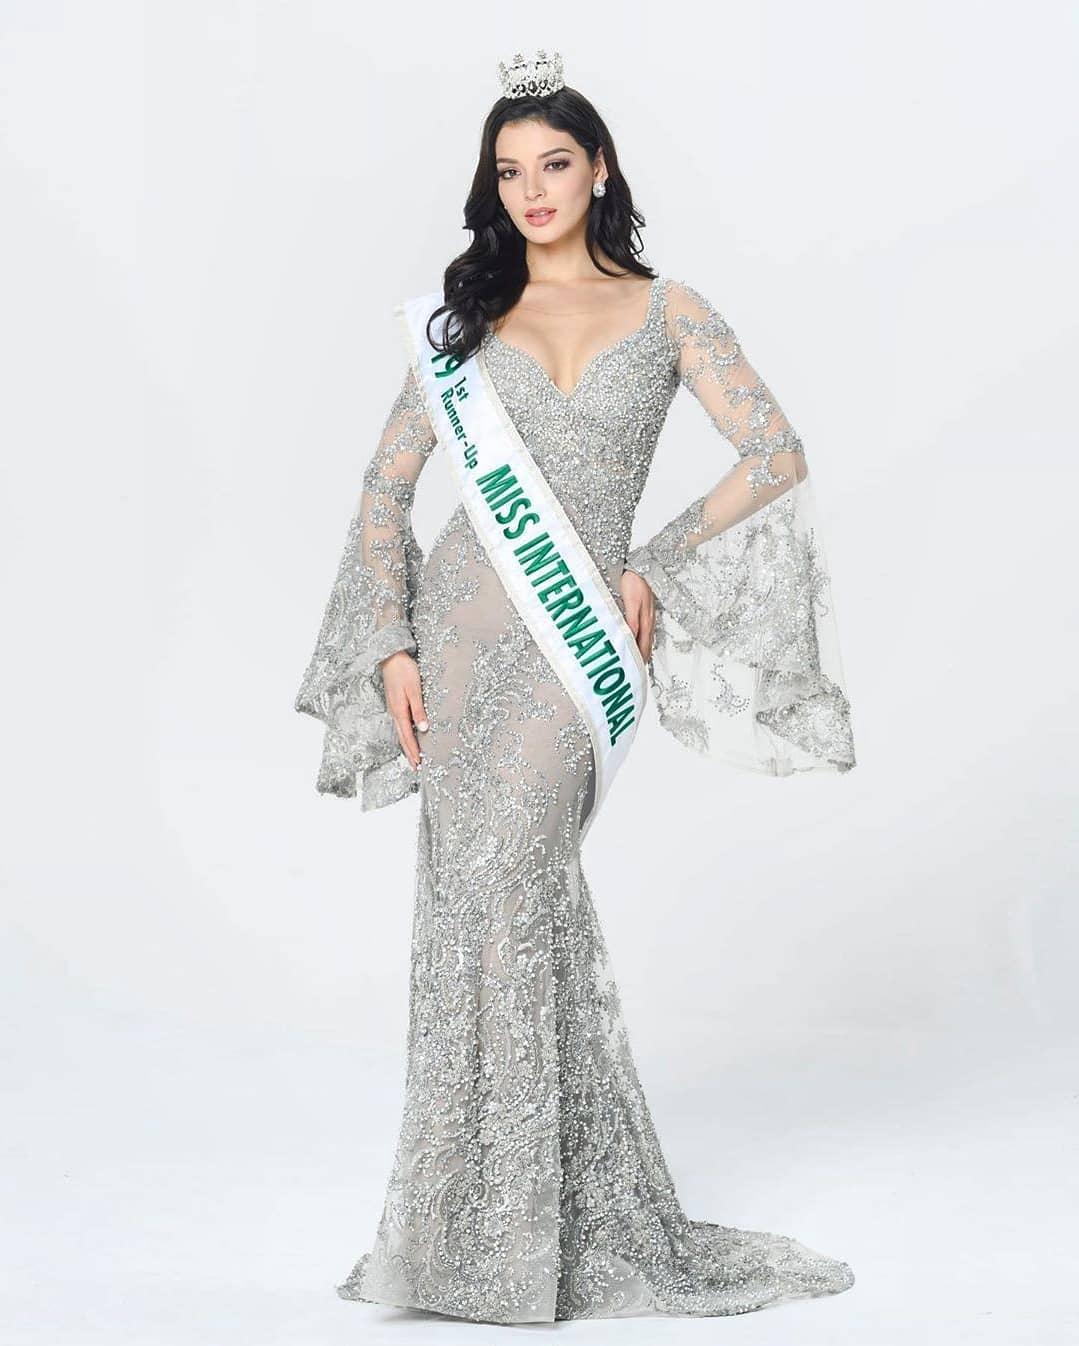 andrea toscano, 1st runner-up de miss international 2019. - Página 43 79388811